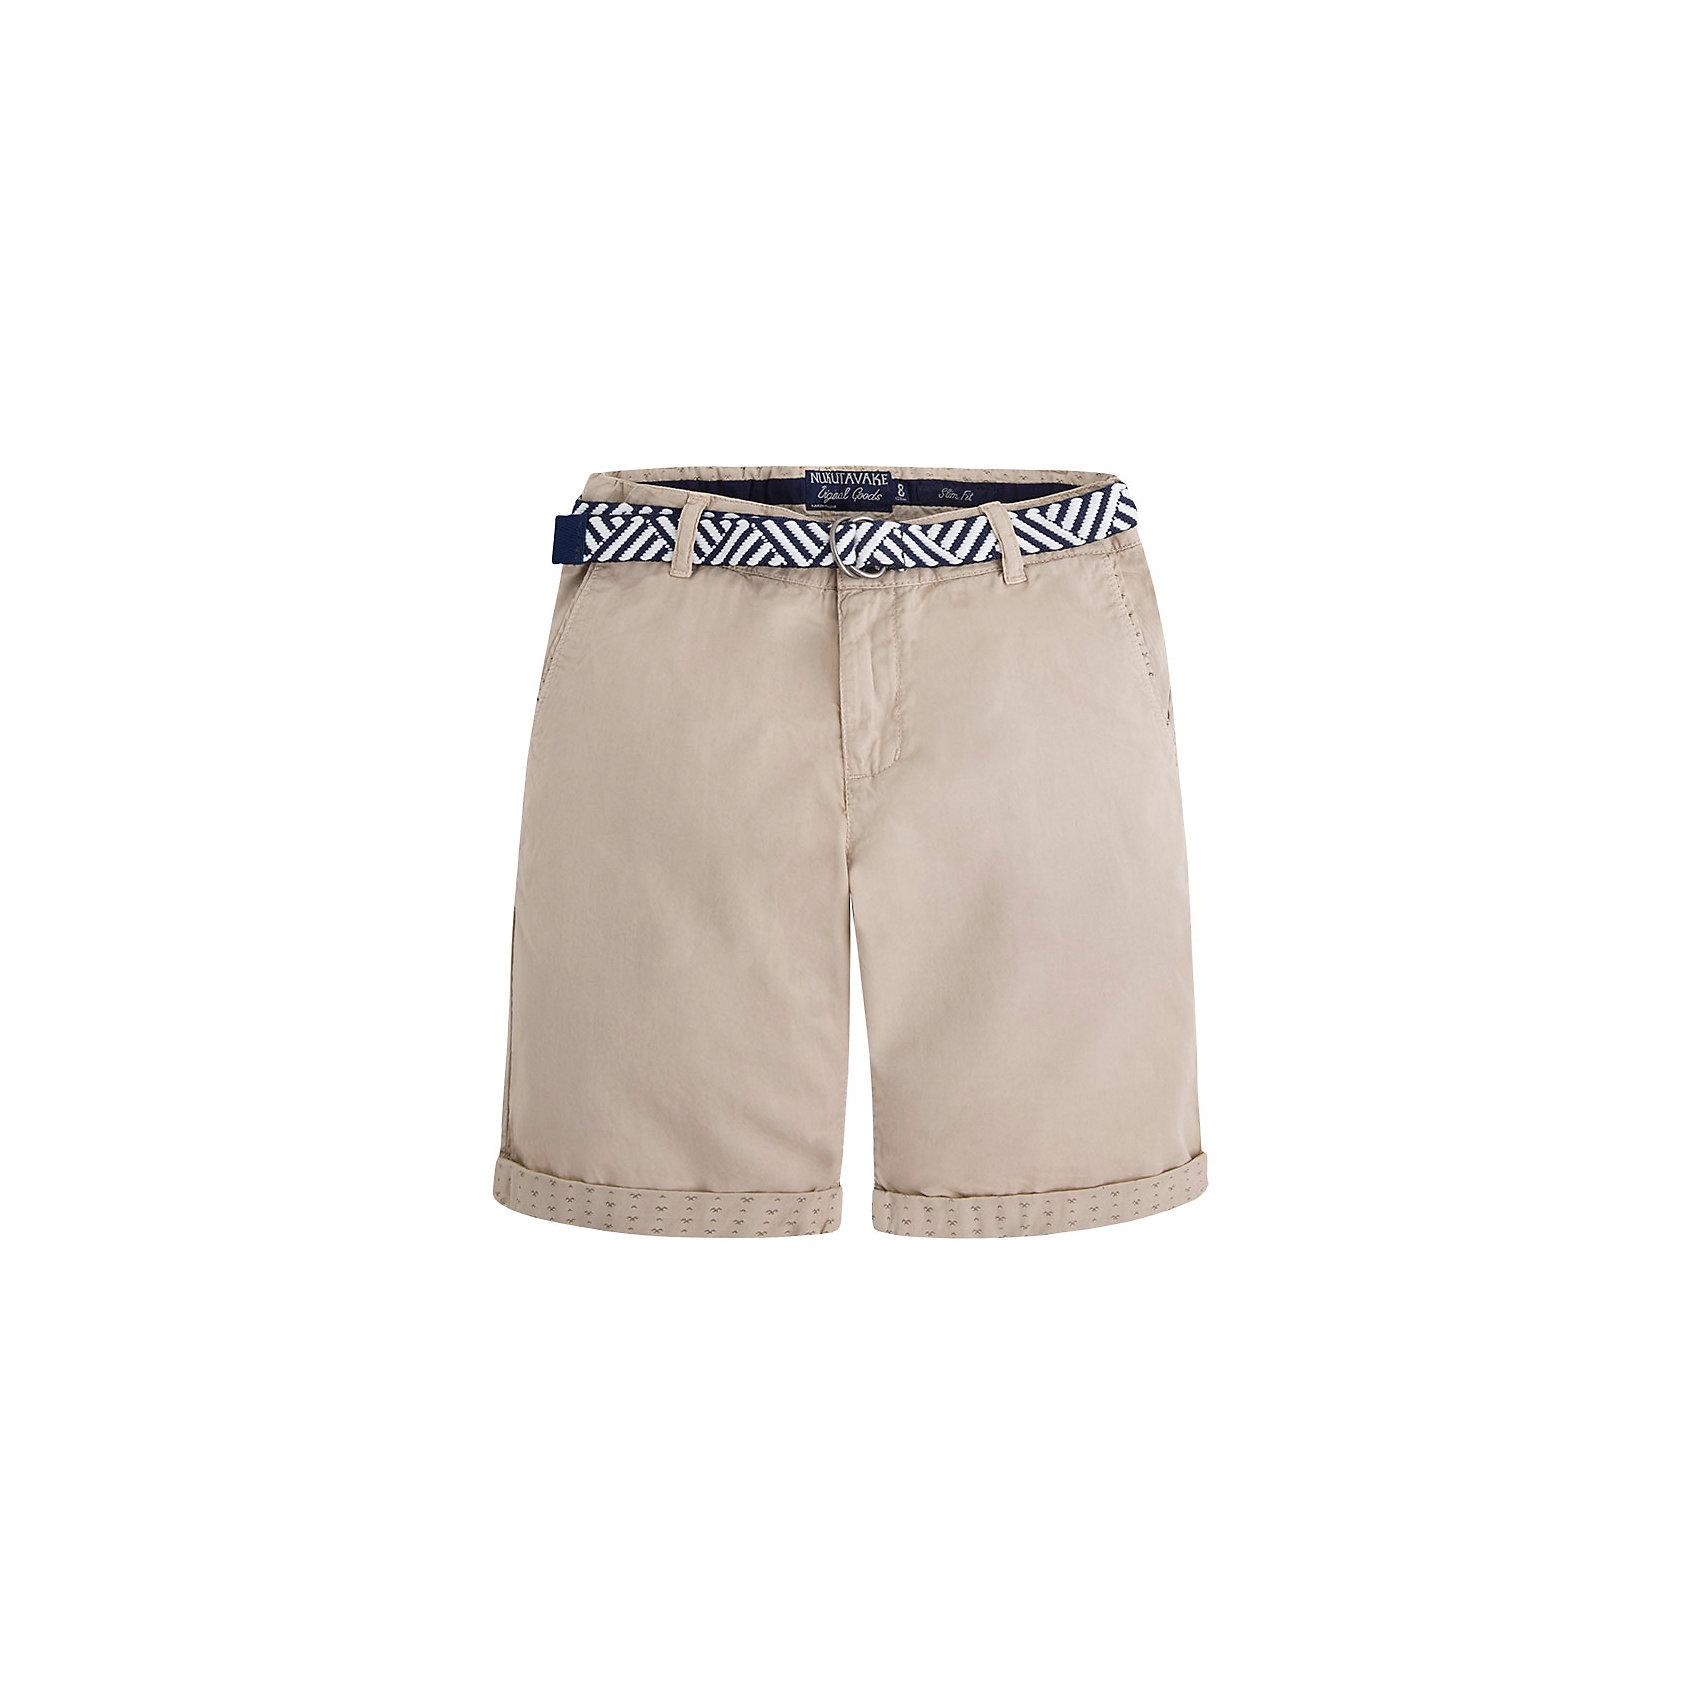 Шорты  для мальчика MayoralШорты, бриджи, капри<br>Шорты  для мальчика от известной испанской марки Mayoral - прекрасный вариант для летнего гардероба юного модника. <br><br>Дополнительная информация:<br><br>- Текстильный пояс в комплекте.<br>- Прямой крой брючин.<br>- Тип застежки: молния, кнопка. <br>- 4 кармана (2 задних, 2 боковых).<br>- Задние карманы декорированы текстильными вставками. <br>- Стильные отвороты.<br>- Регулировка на талии с помощью внутренней резинки.  <br>- Состав: 100 % хлопок.<br><br>Шорты  для мальчика Mayoral (Майорал) можно купить в нашем магазине.<br><br>Ширина мм: 191<br>Глубина мм: 10<br>Высота мм: 175<br>Вес г: 273<br>Цвет: бежевый<br>Возраст от месяцев: 84<br>Возраст до месяцев: 96<br>Пол: Мужской<br>Возраст: Детский<br>Размер: 128,152,164,158,140<br>SKU: 4538372